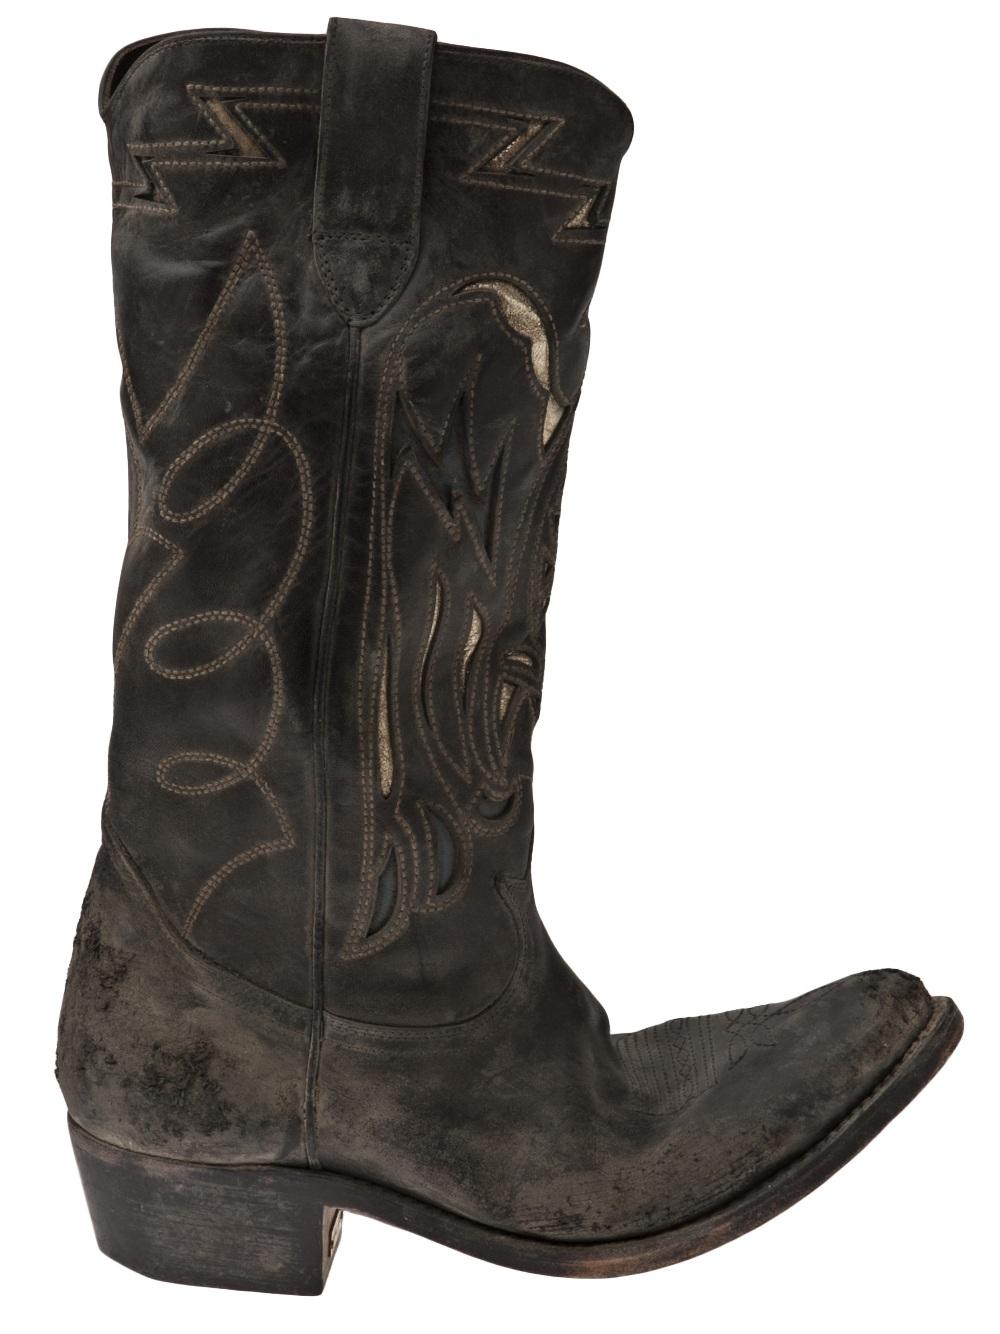 Golden Goose Deluxe Brand Flying Boots in Black